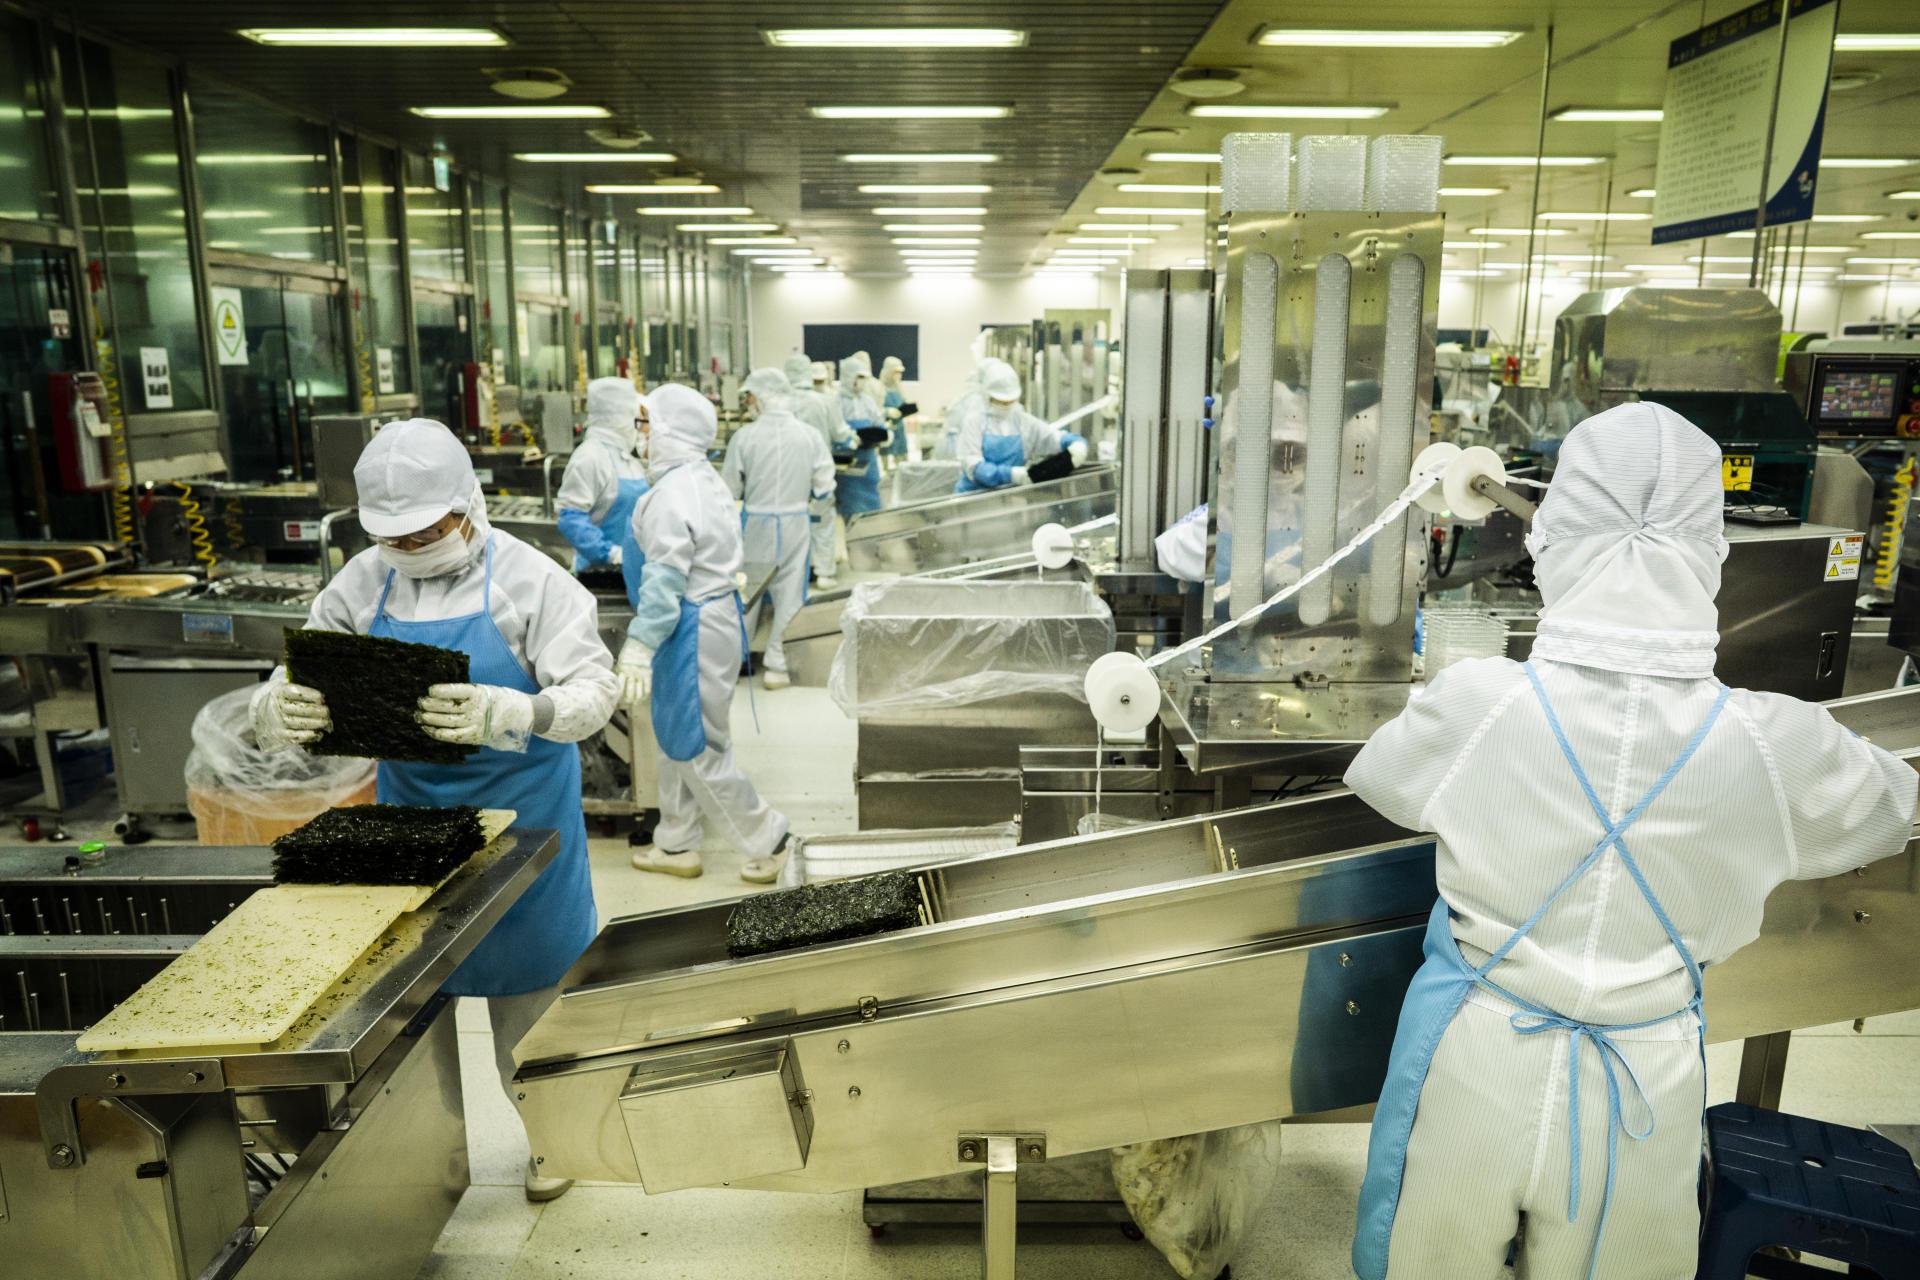 Le 18 juillet, à Shinan (Corée du Sud). Dans l'usine de transformation de la société Shinan 1004 Seaweed, dans la partie méridionale du pays, le gim, une algue rouge, est grillé pour être transformé en snacks et en chips.